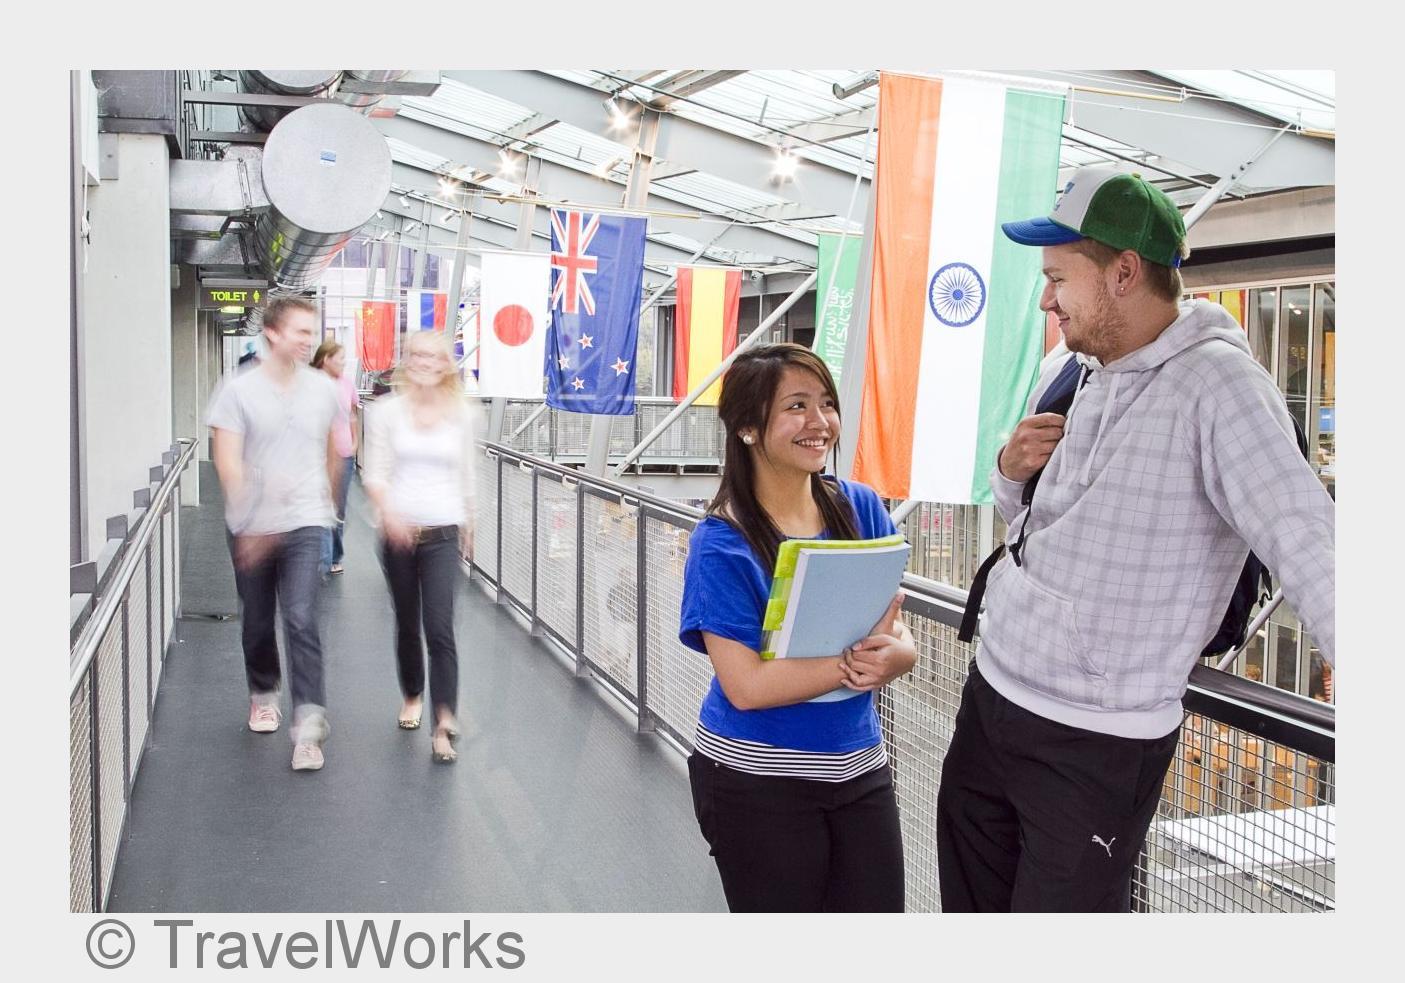 Neu: Campus Experience von TravelWorks   Das Kurzstudium im Ausland